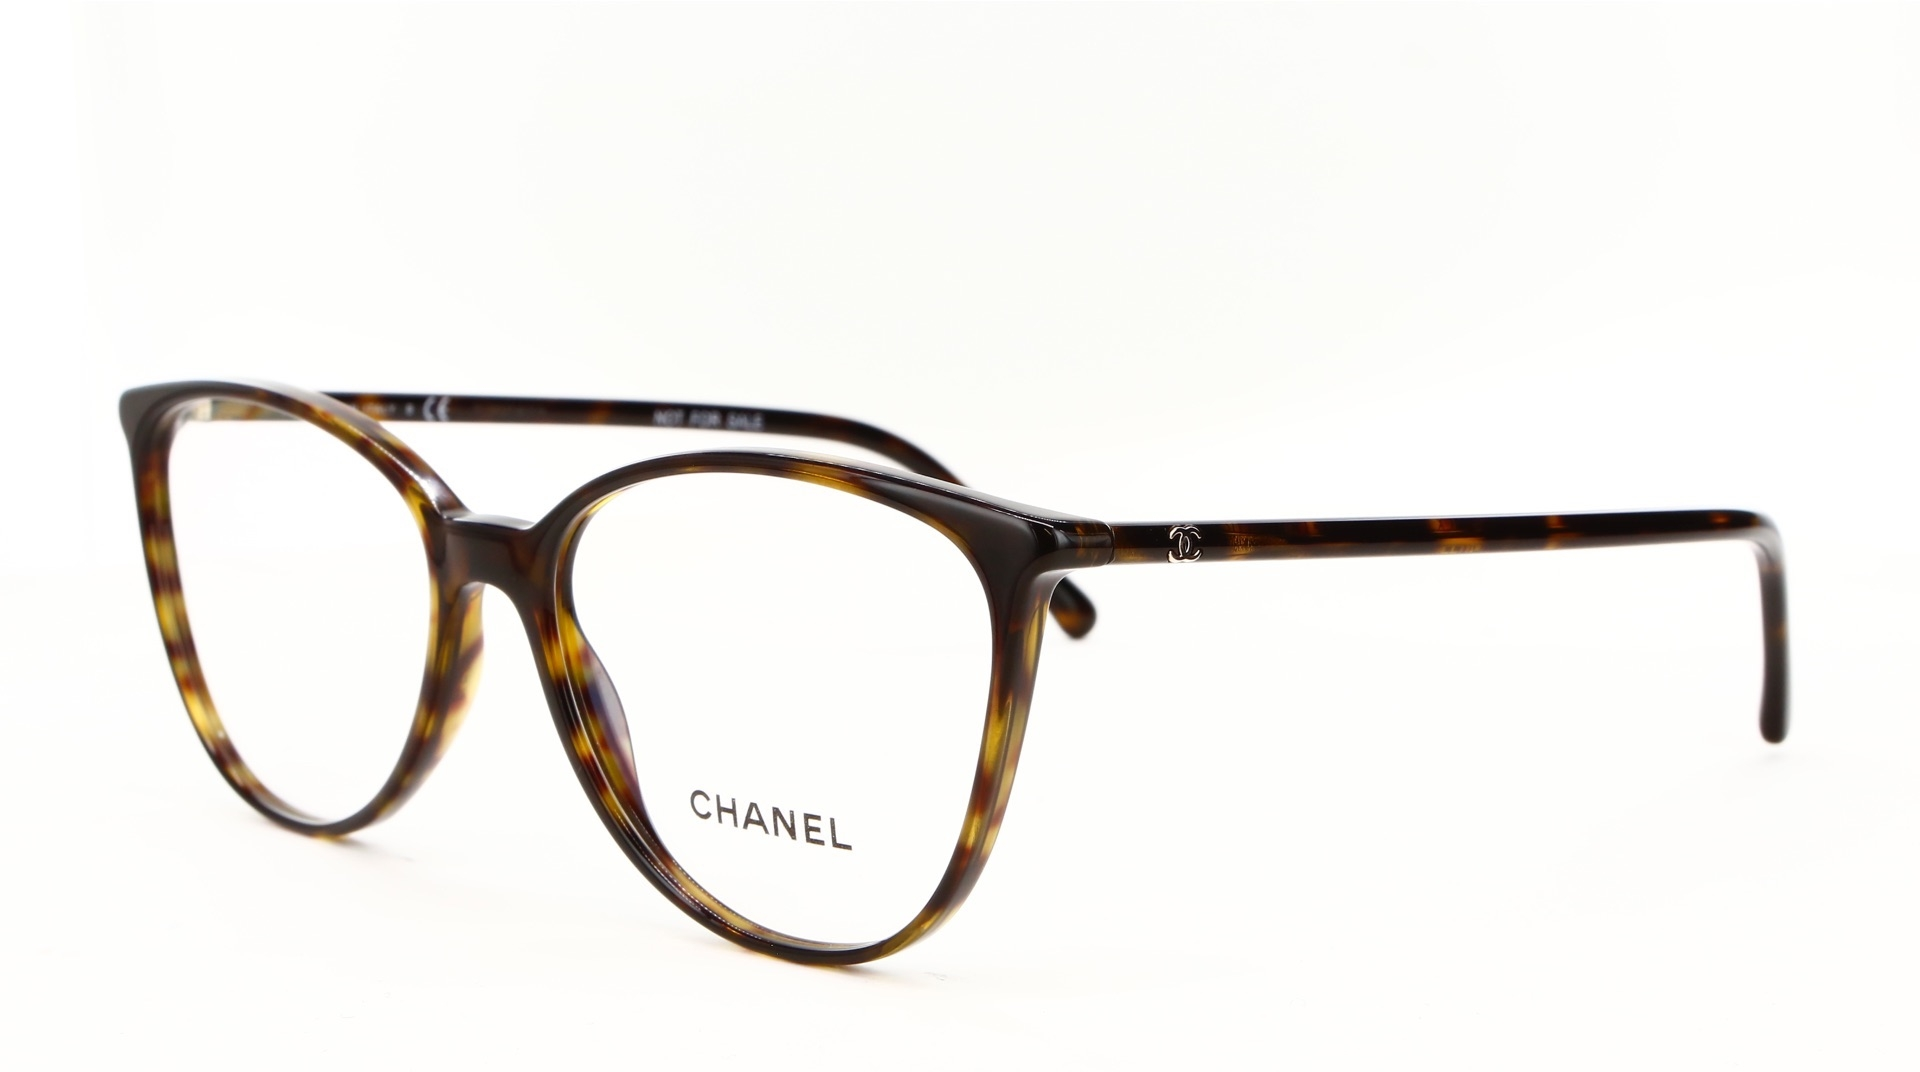 Chanel - ref: 79243